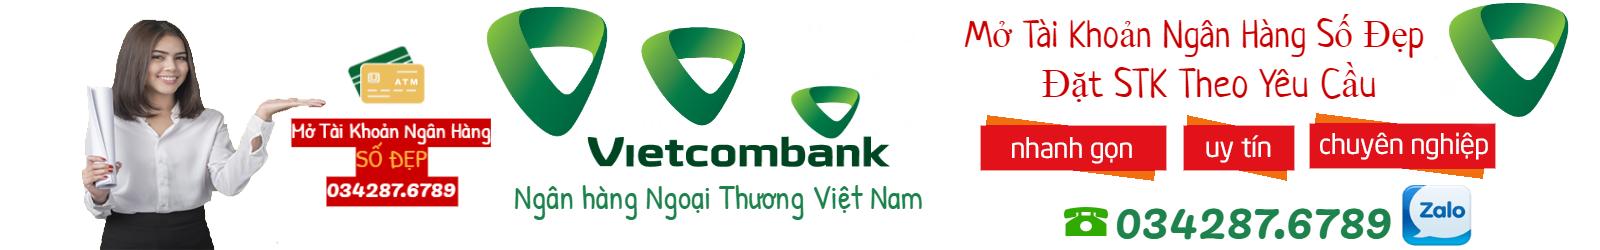 MuaTaiKhoanSoDep.Com - Chuyên mở tài khoản ngân hàng số đẹp uy tín hàng đầu việt nam